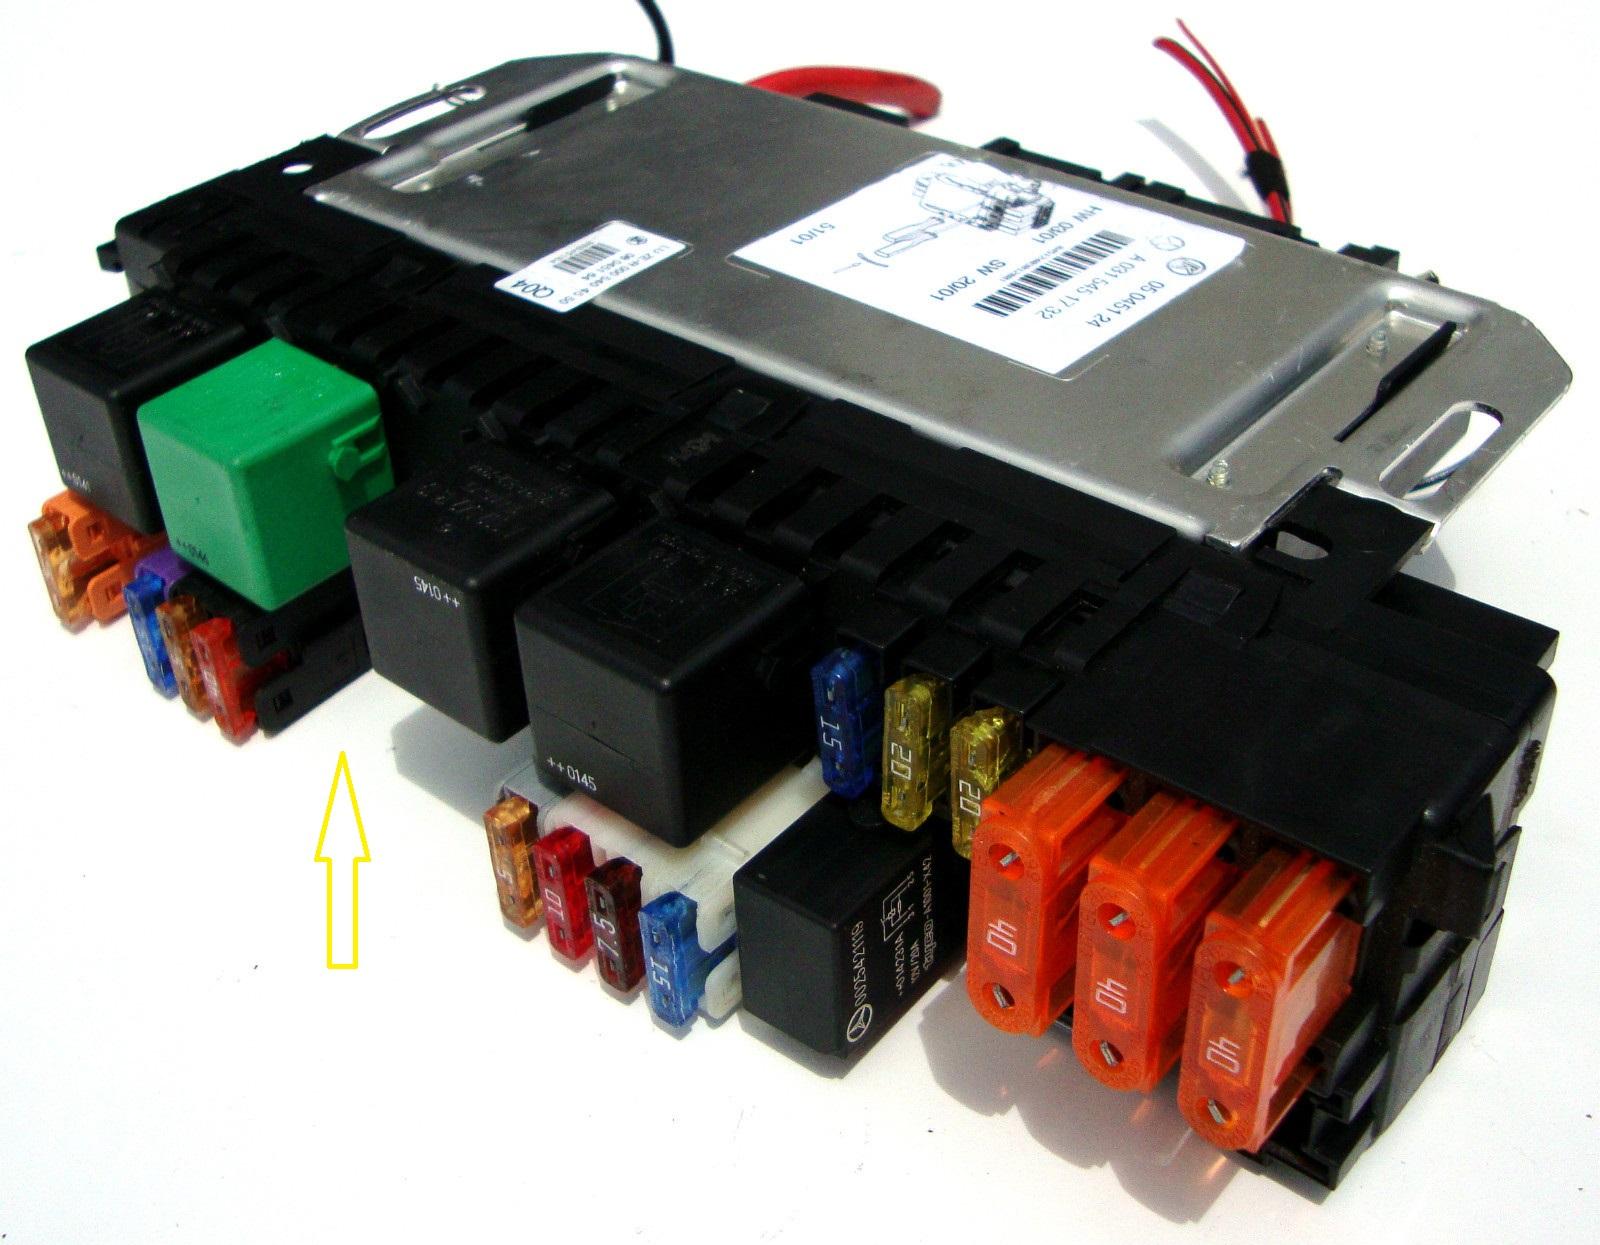 fuse box chart 2000 s430 mercedes er 1998  light relay wiring diagram in addition mercedes s500 fuse  er 1998  light relay wiring diagram in